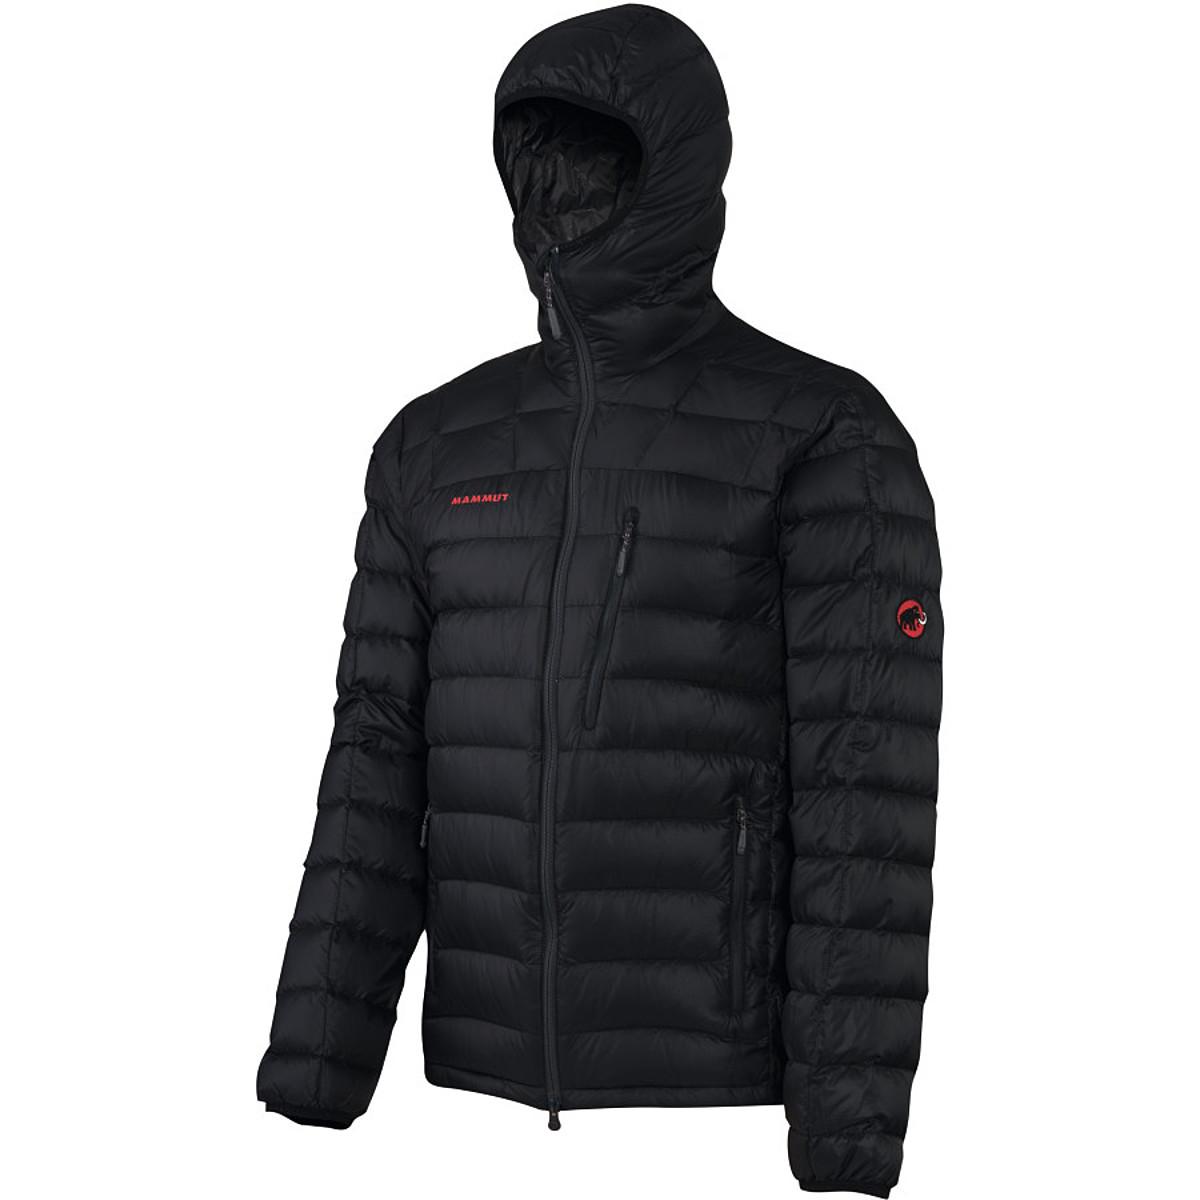 Mammut Broad Peak Jacket